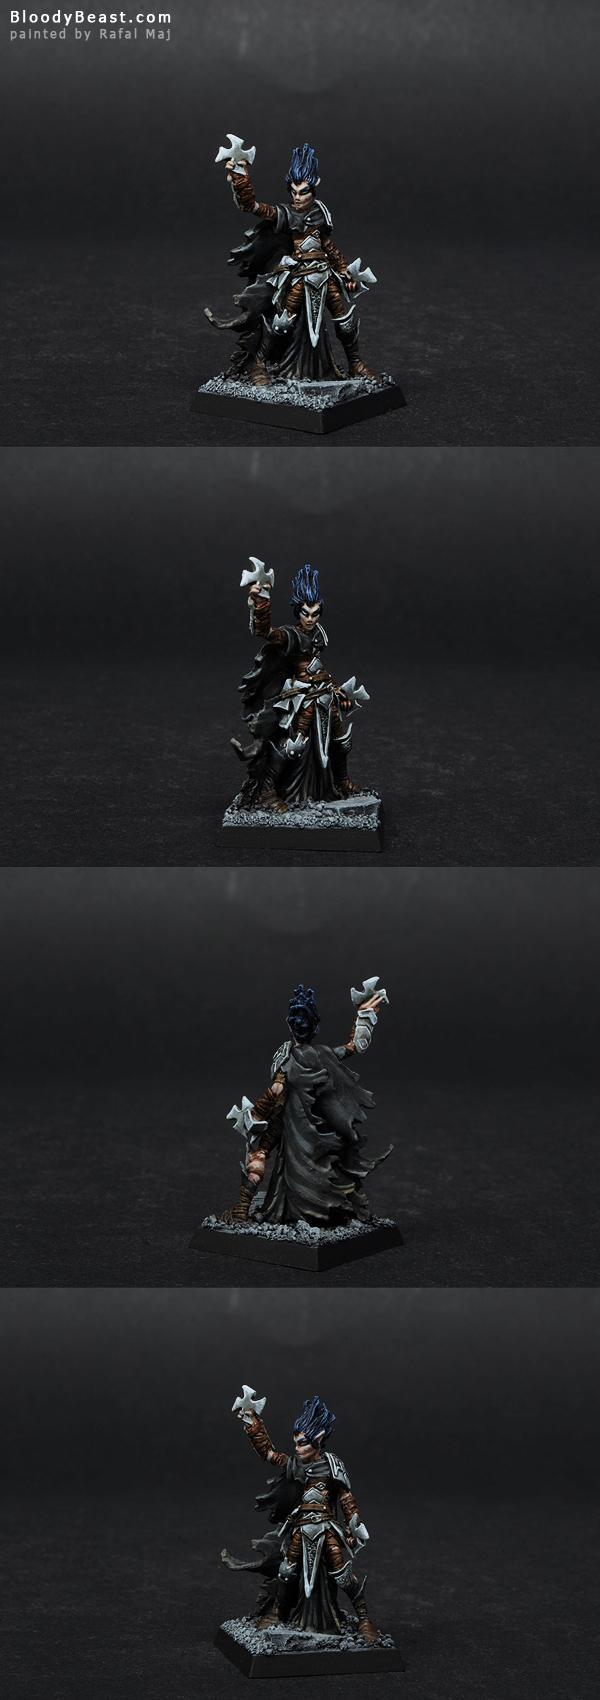 Darkreach Erdolliel Saerwen painted by Rafal Maj (BloodyBeast.com)